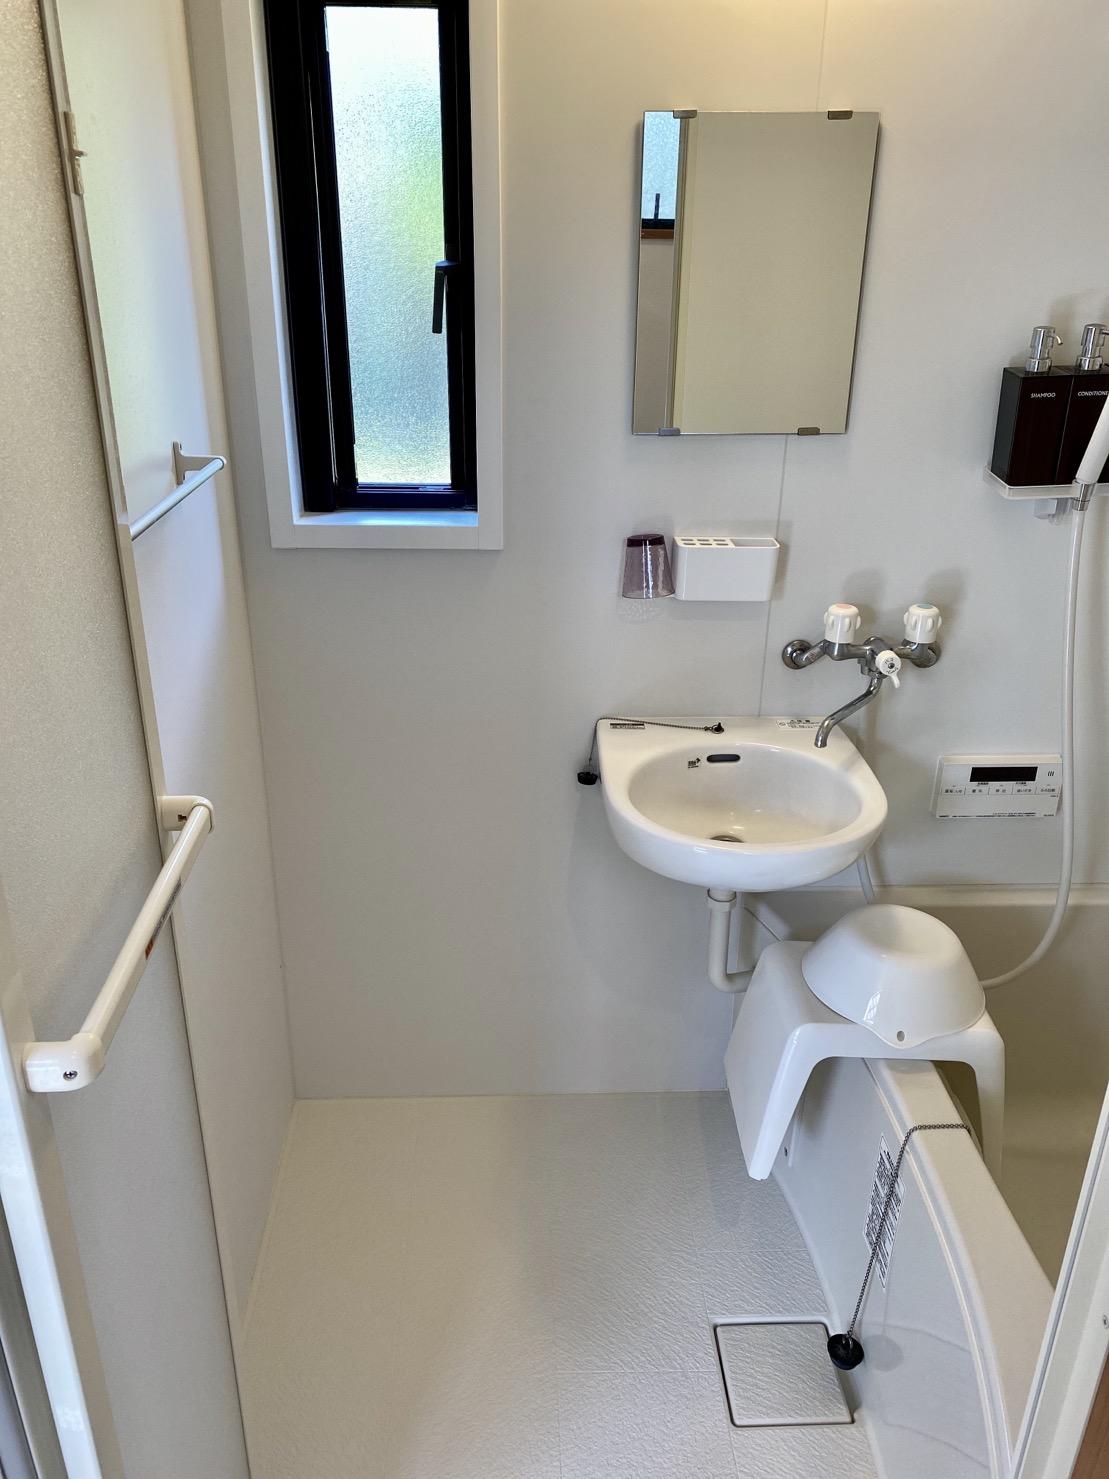 浴槽付きのシャワールーム